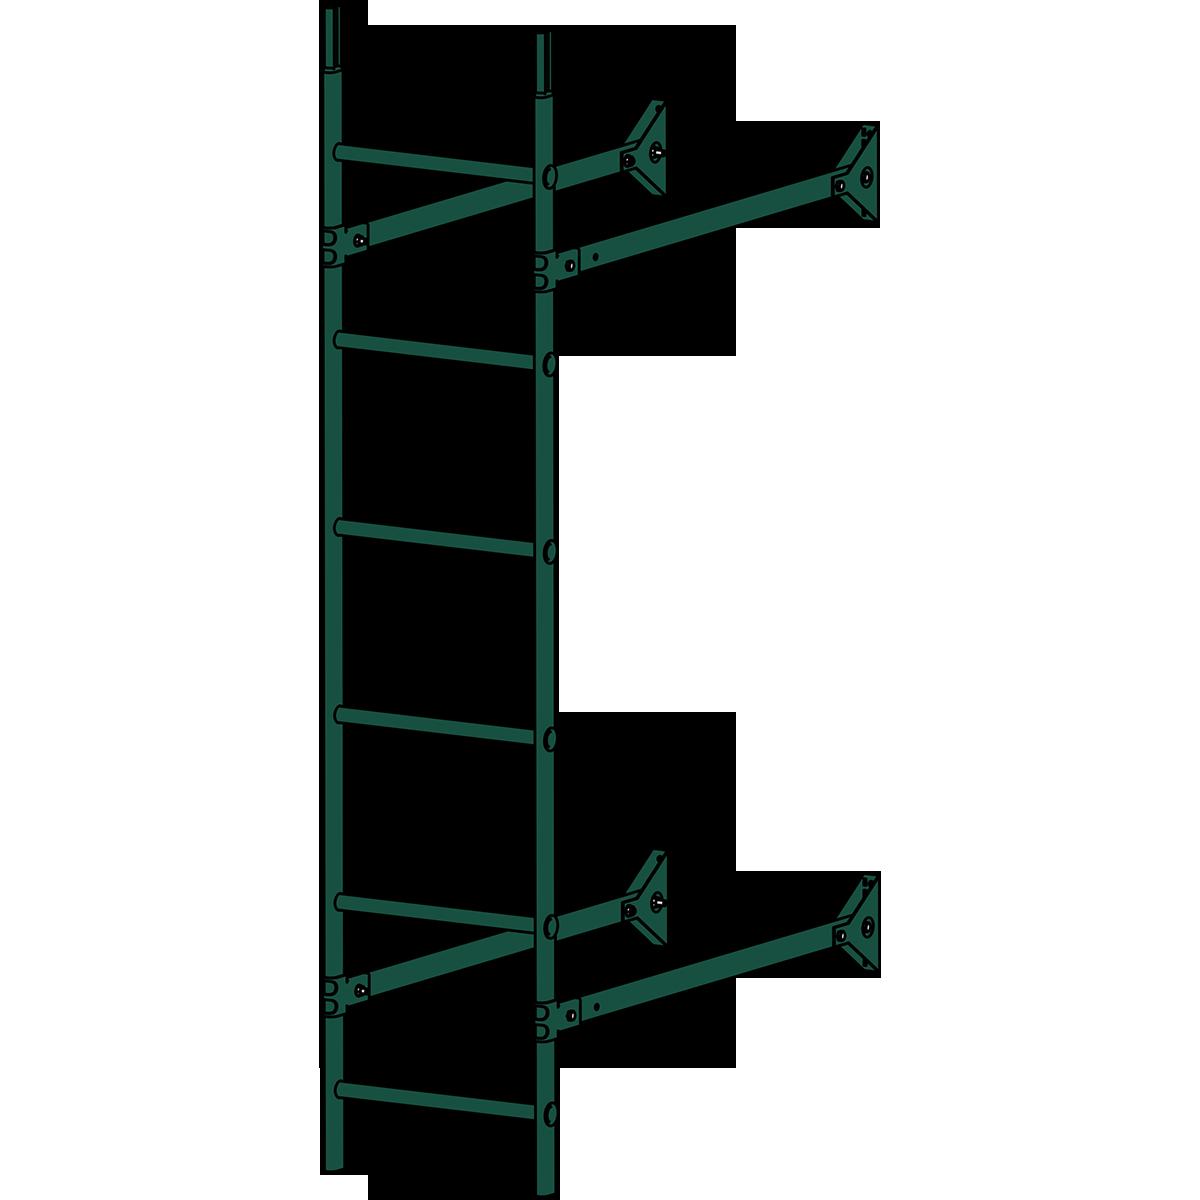 Лестница стеновая ROOFSYSTEMS ELITE 400 1,8 м RAL 6005 Зеленый мох